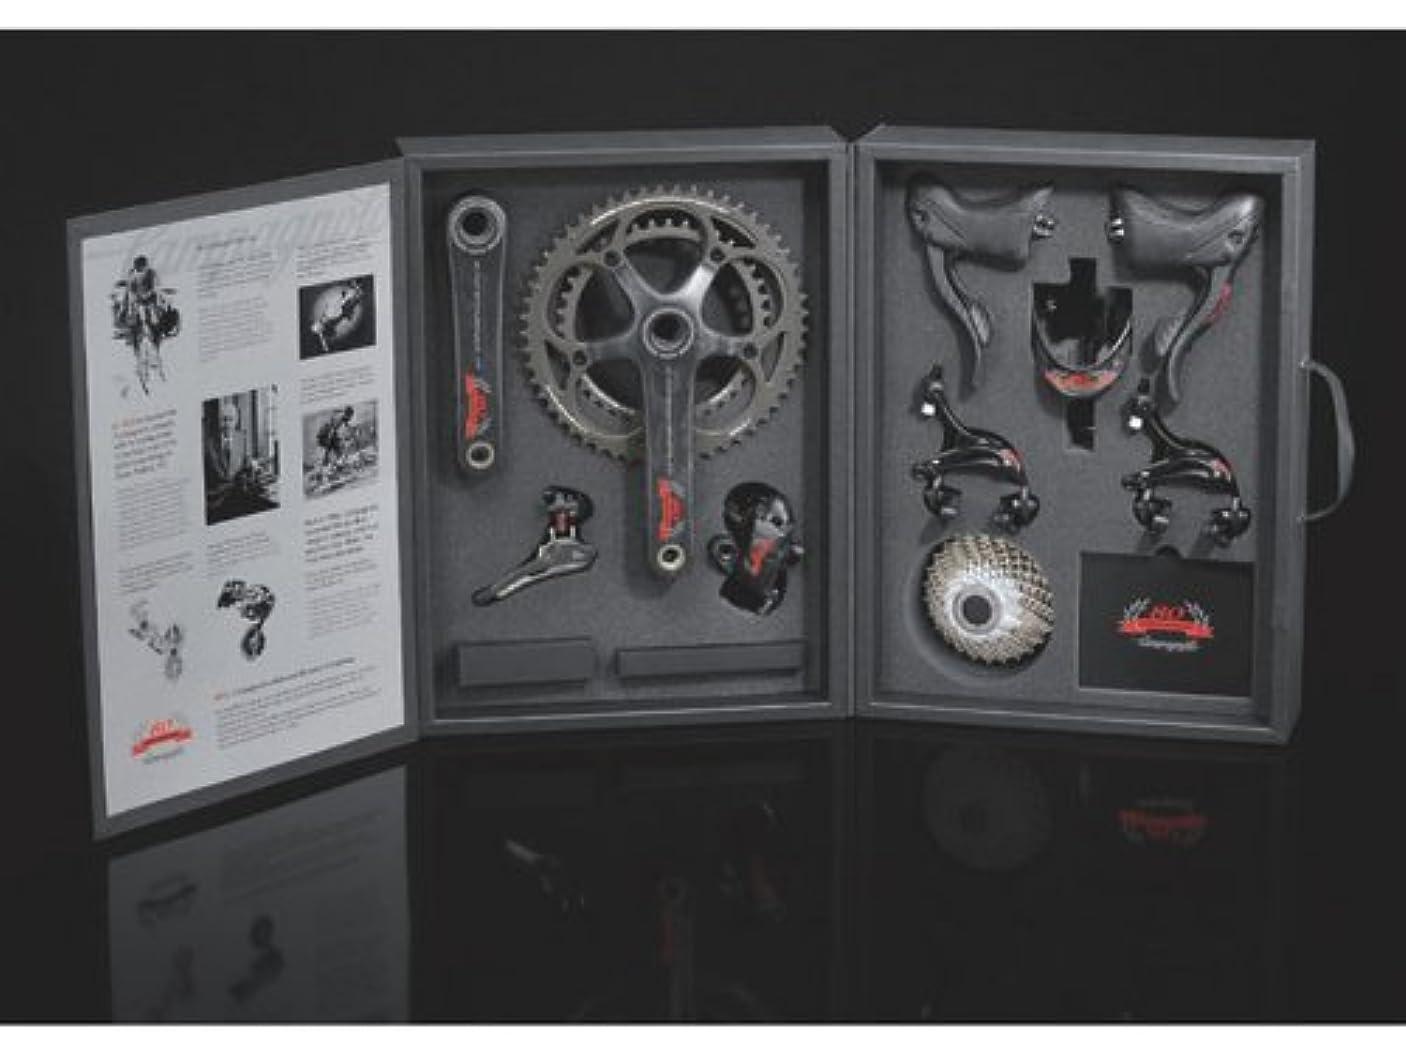 ためらう磁気くすぐったいカンパニョーロ(CAMPAGNOLO) 80周年記念Sレコードコンポ9点セット(ボトルケージ付)